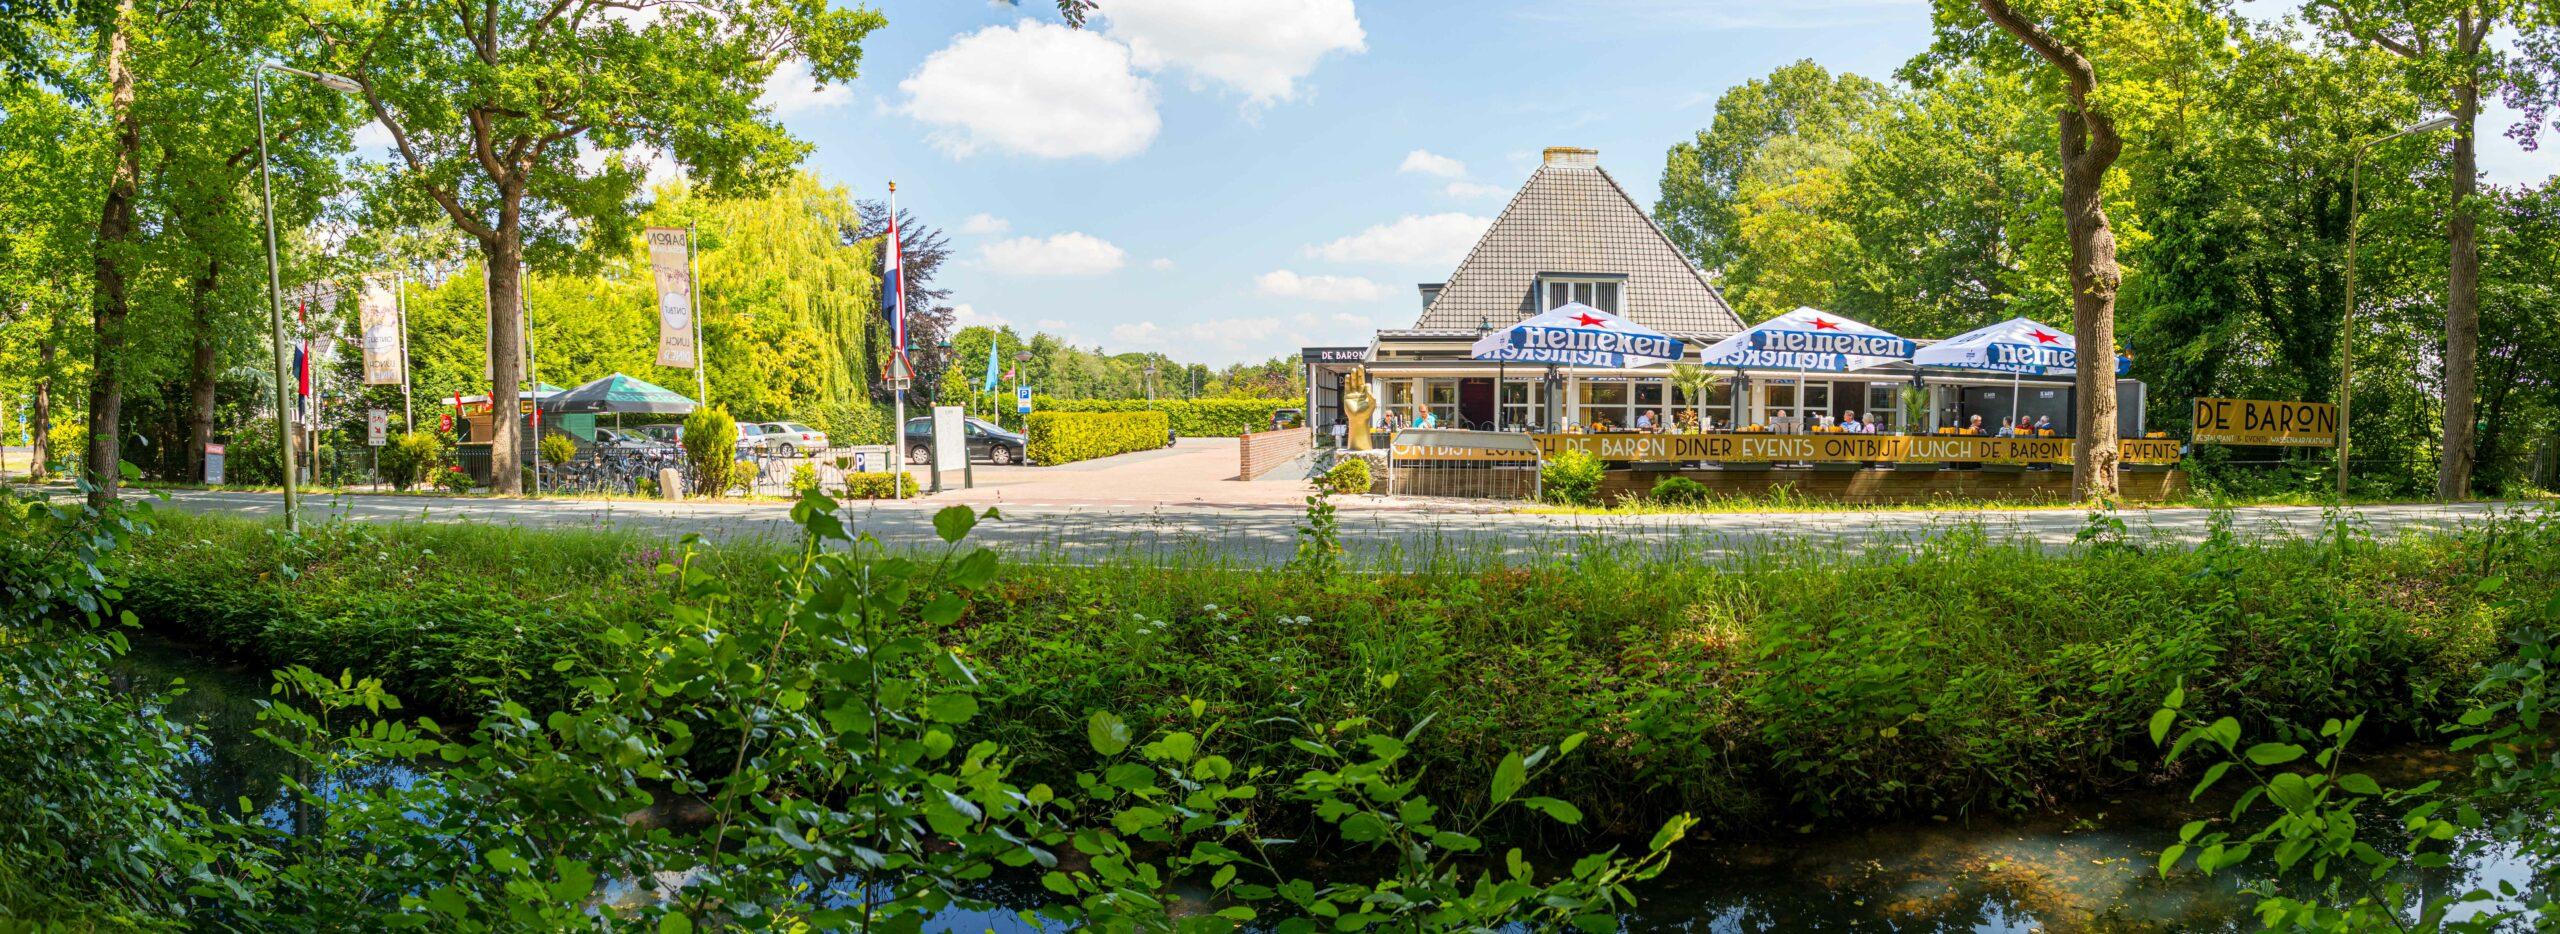 De Baron restaurant & events Wassenaar De Baron vanuit Bos